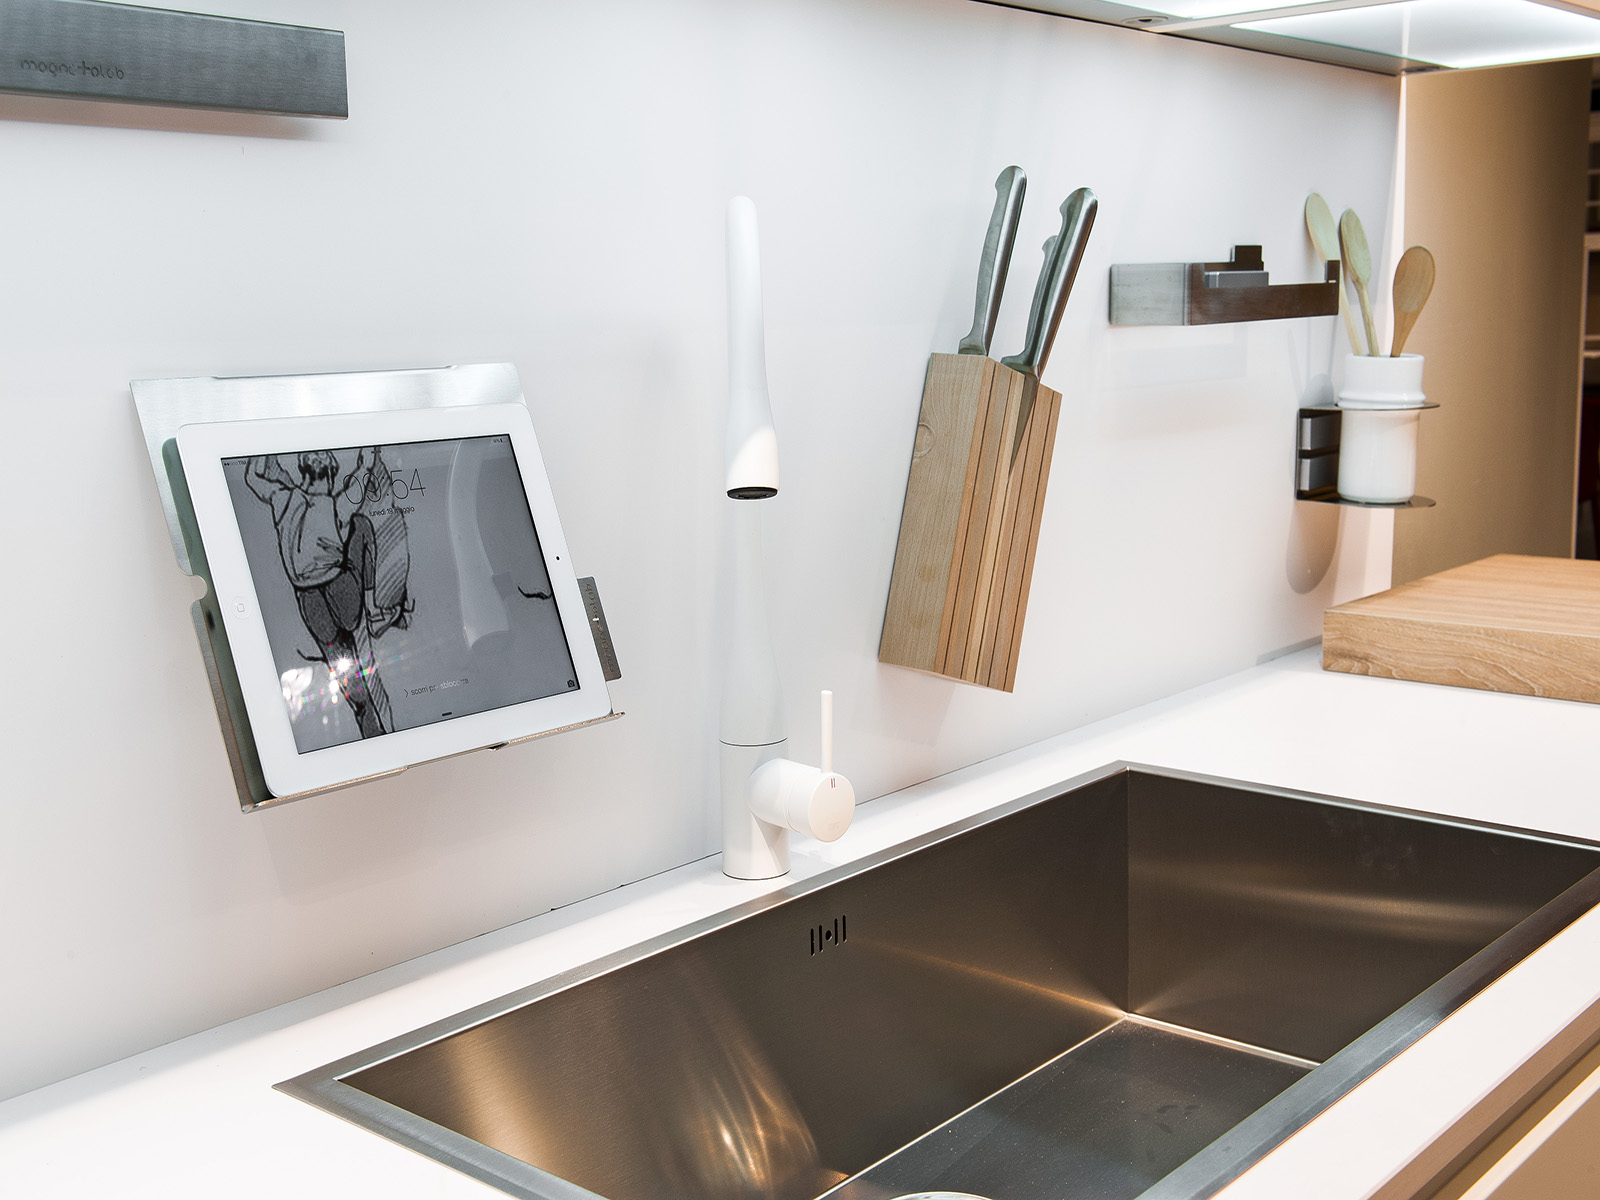 MAGNETOLAB: funzionalità, praticità e design in cucina ...